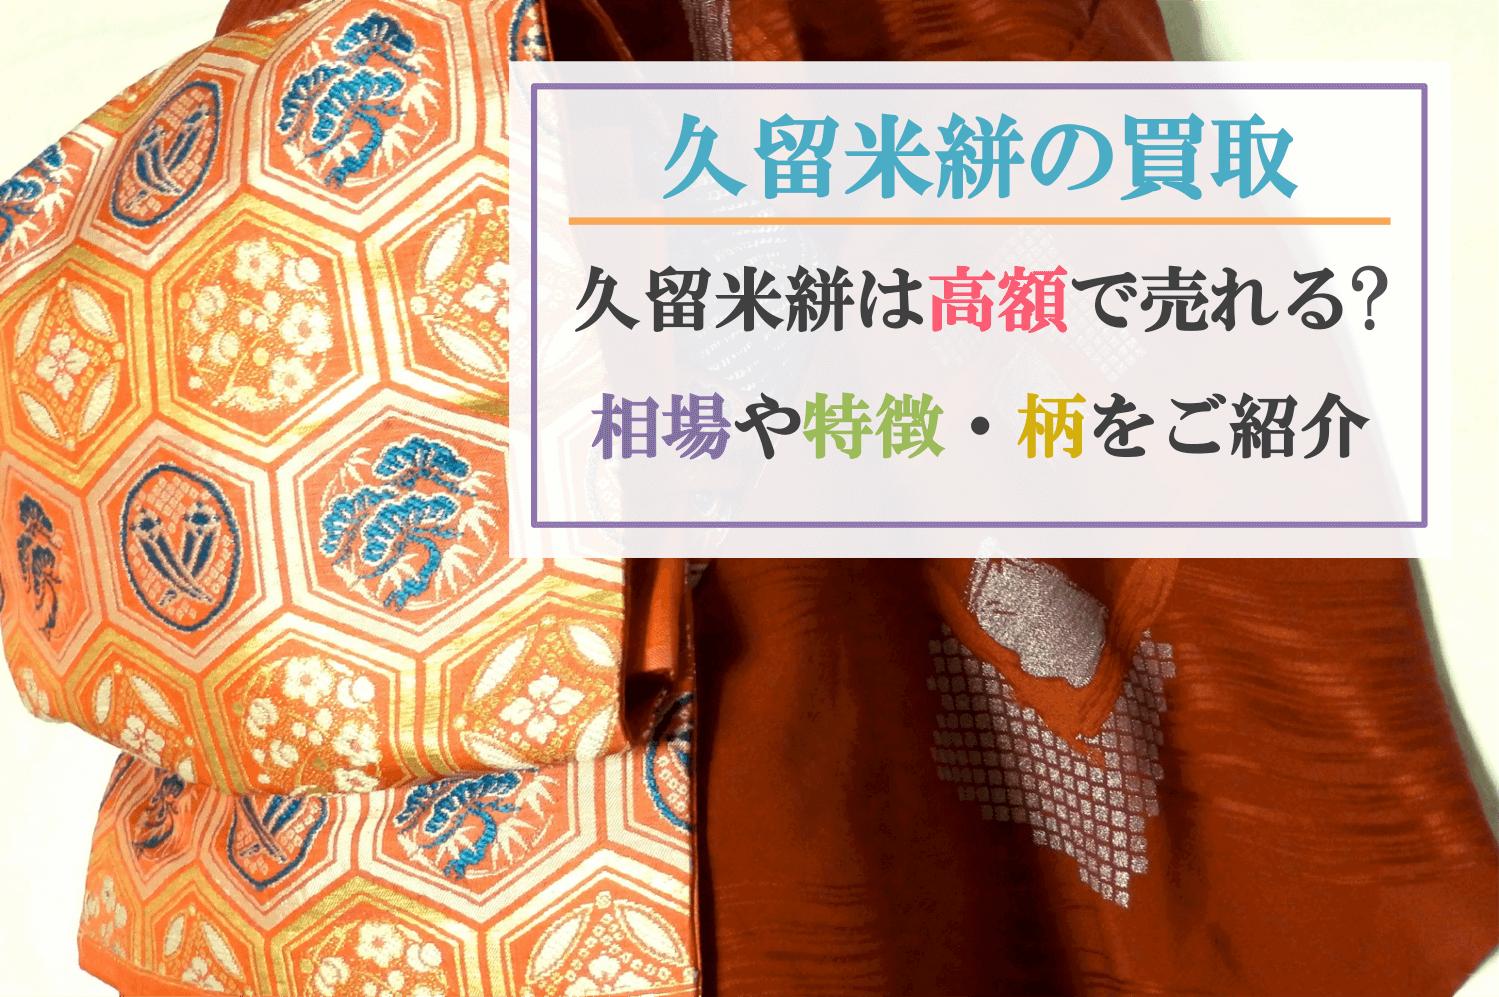 【久留米絣の買取】久留米絣は高額で売れる?買取相場や特徴・代表的な柄をご紹介